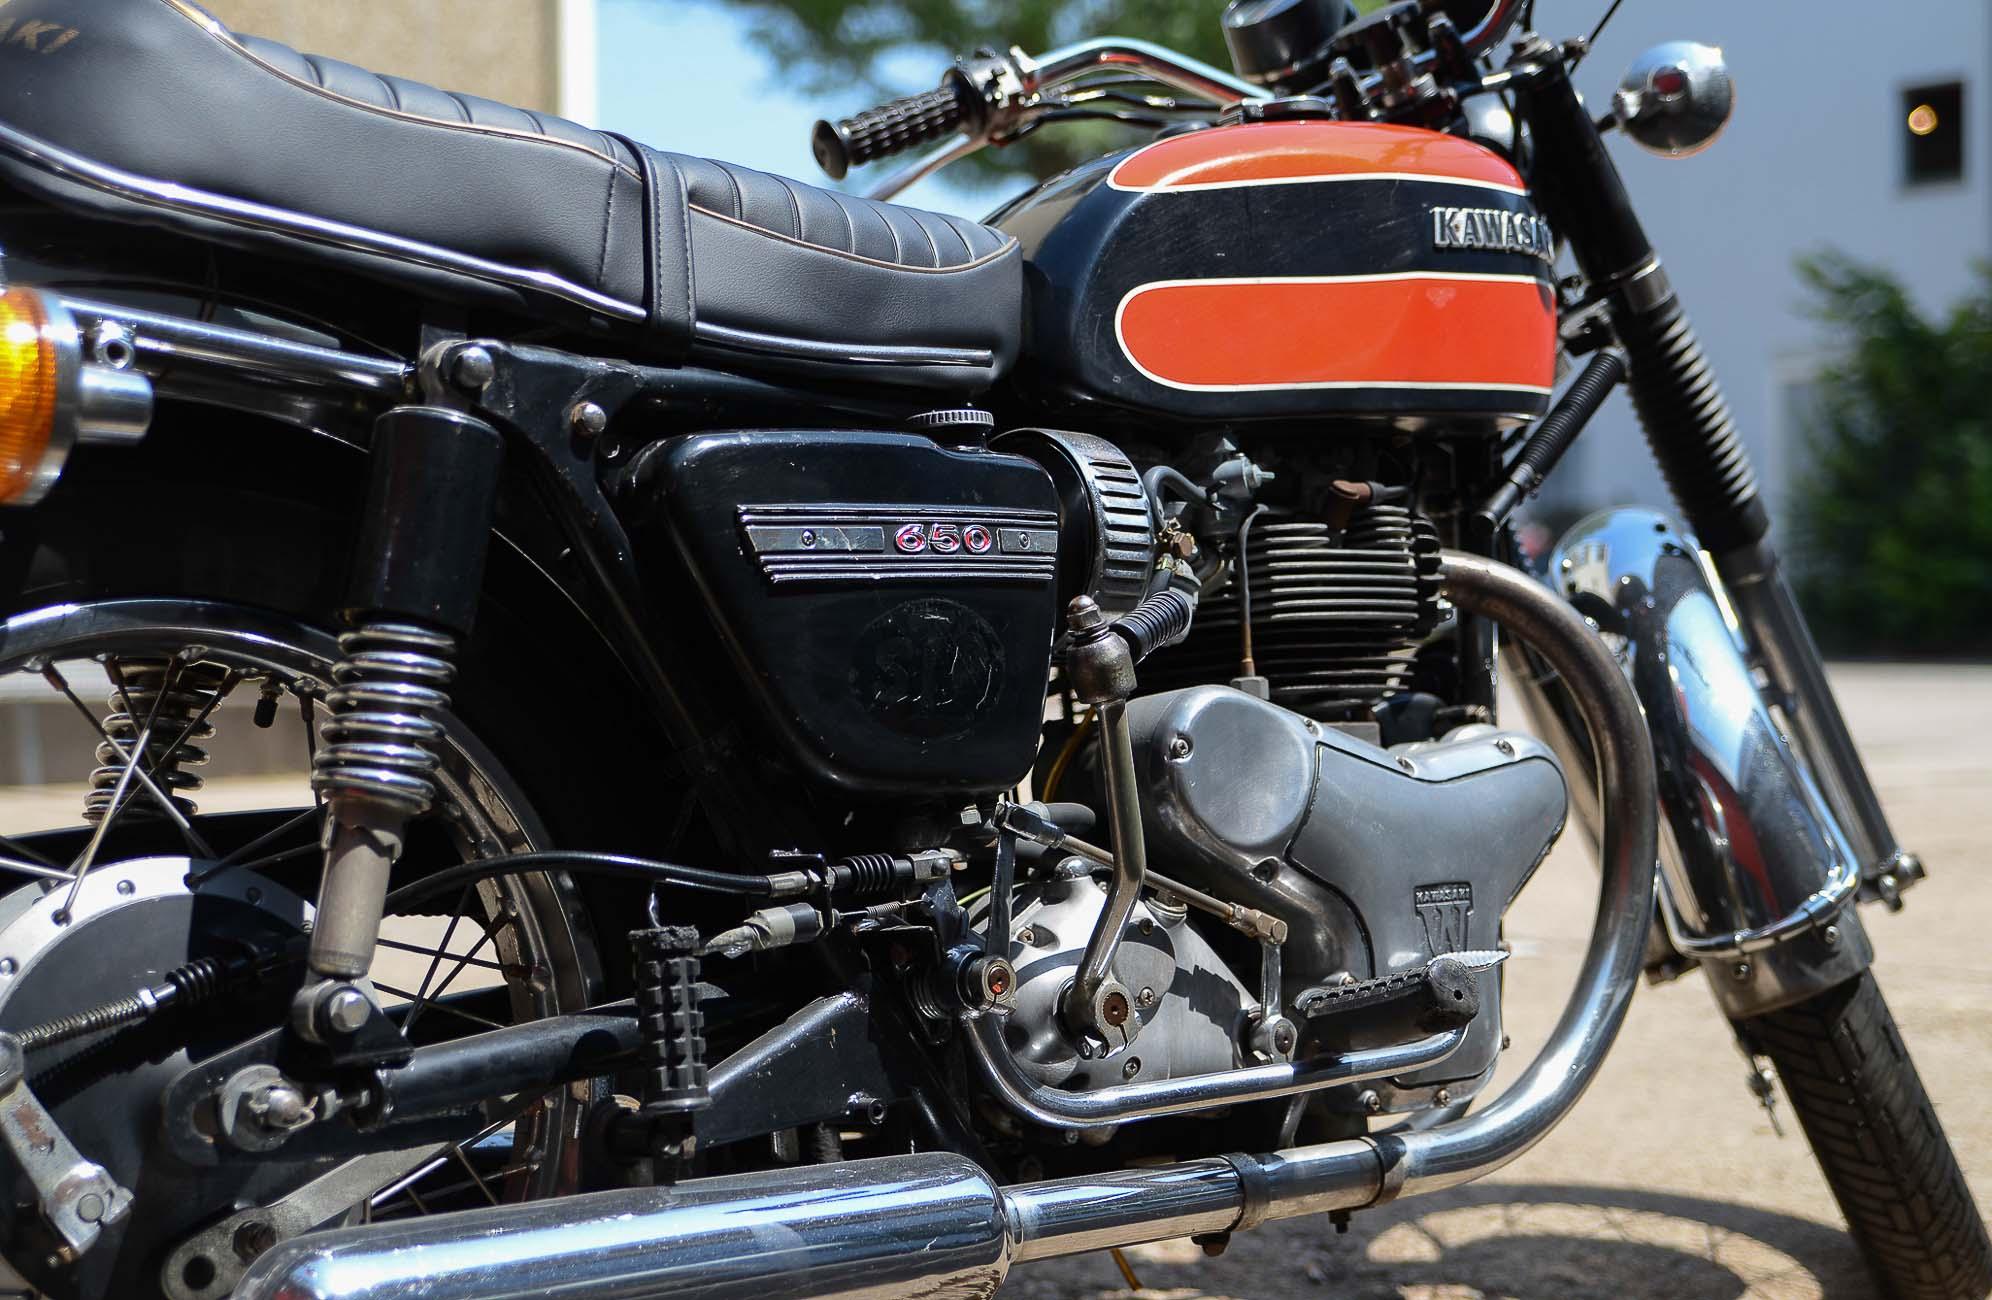 KAWASAKI 650 W1 (1966-1974)